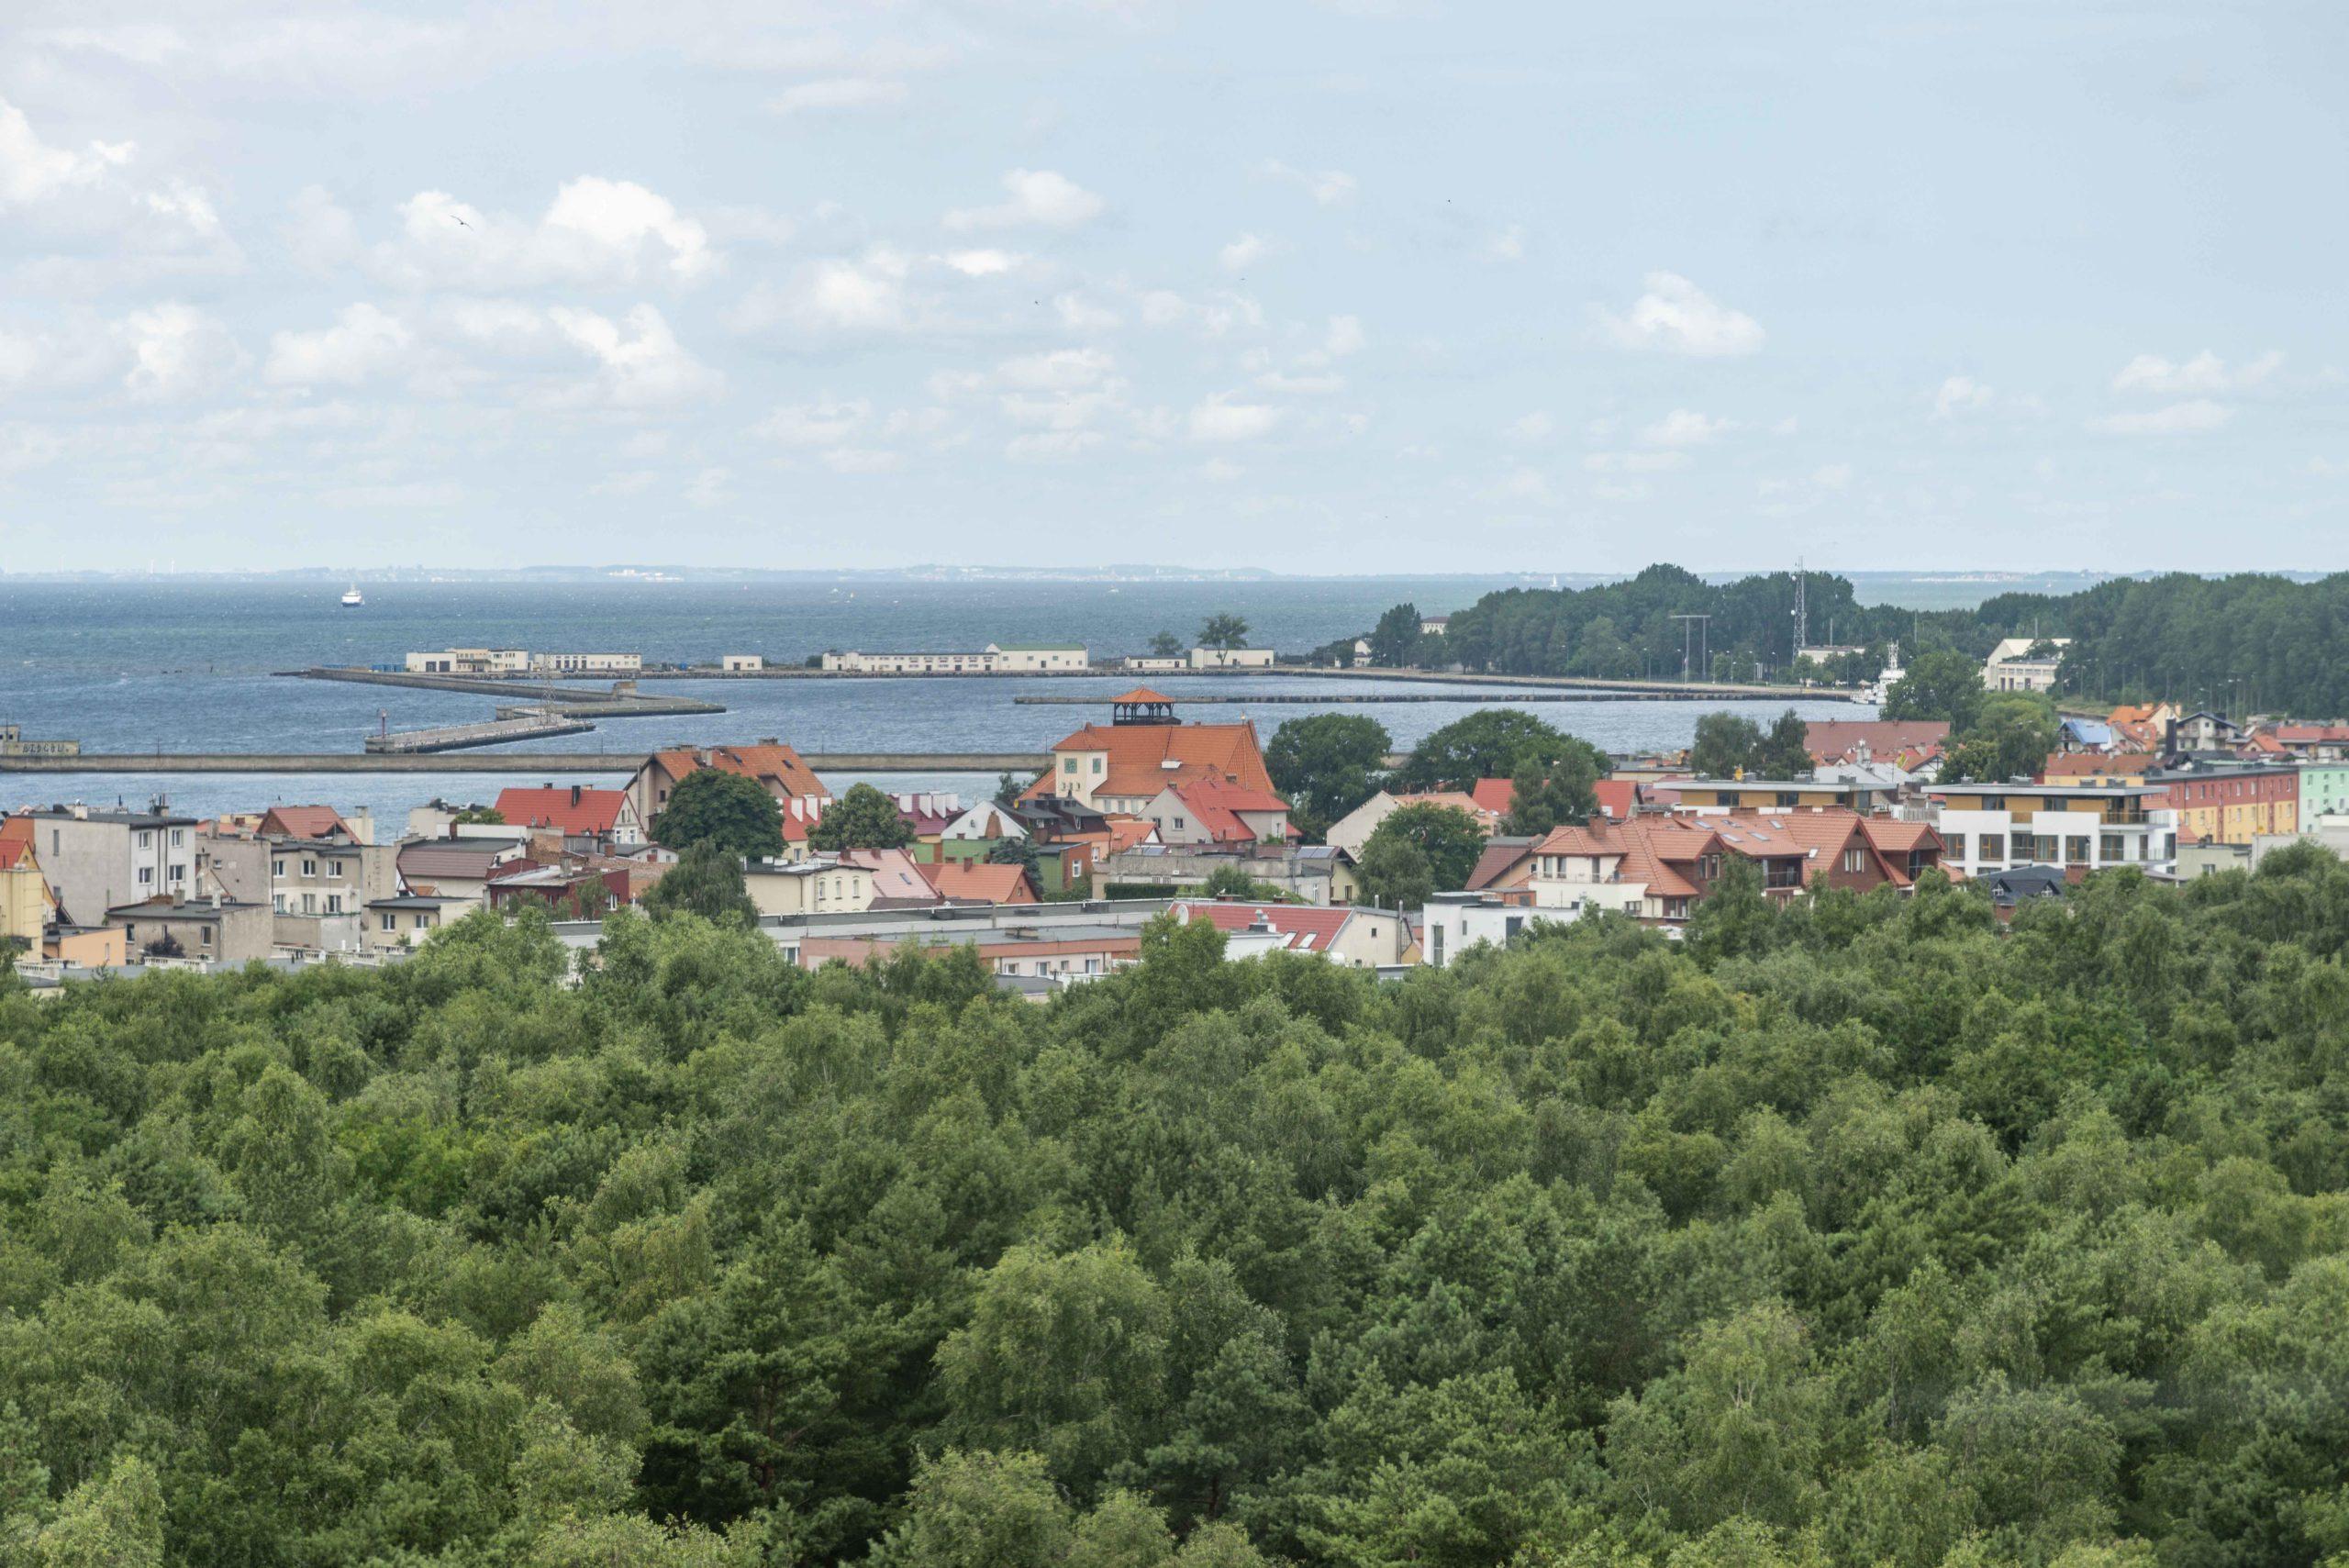 Blick vom Leuchtturm Halbinsel Hel